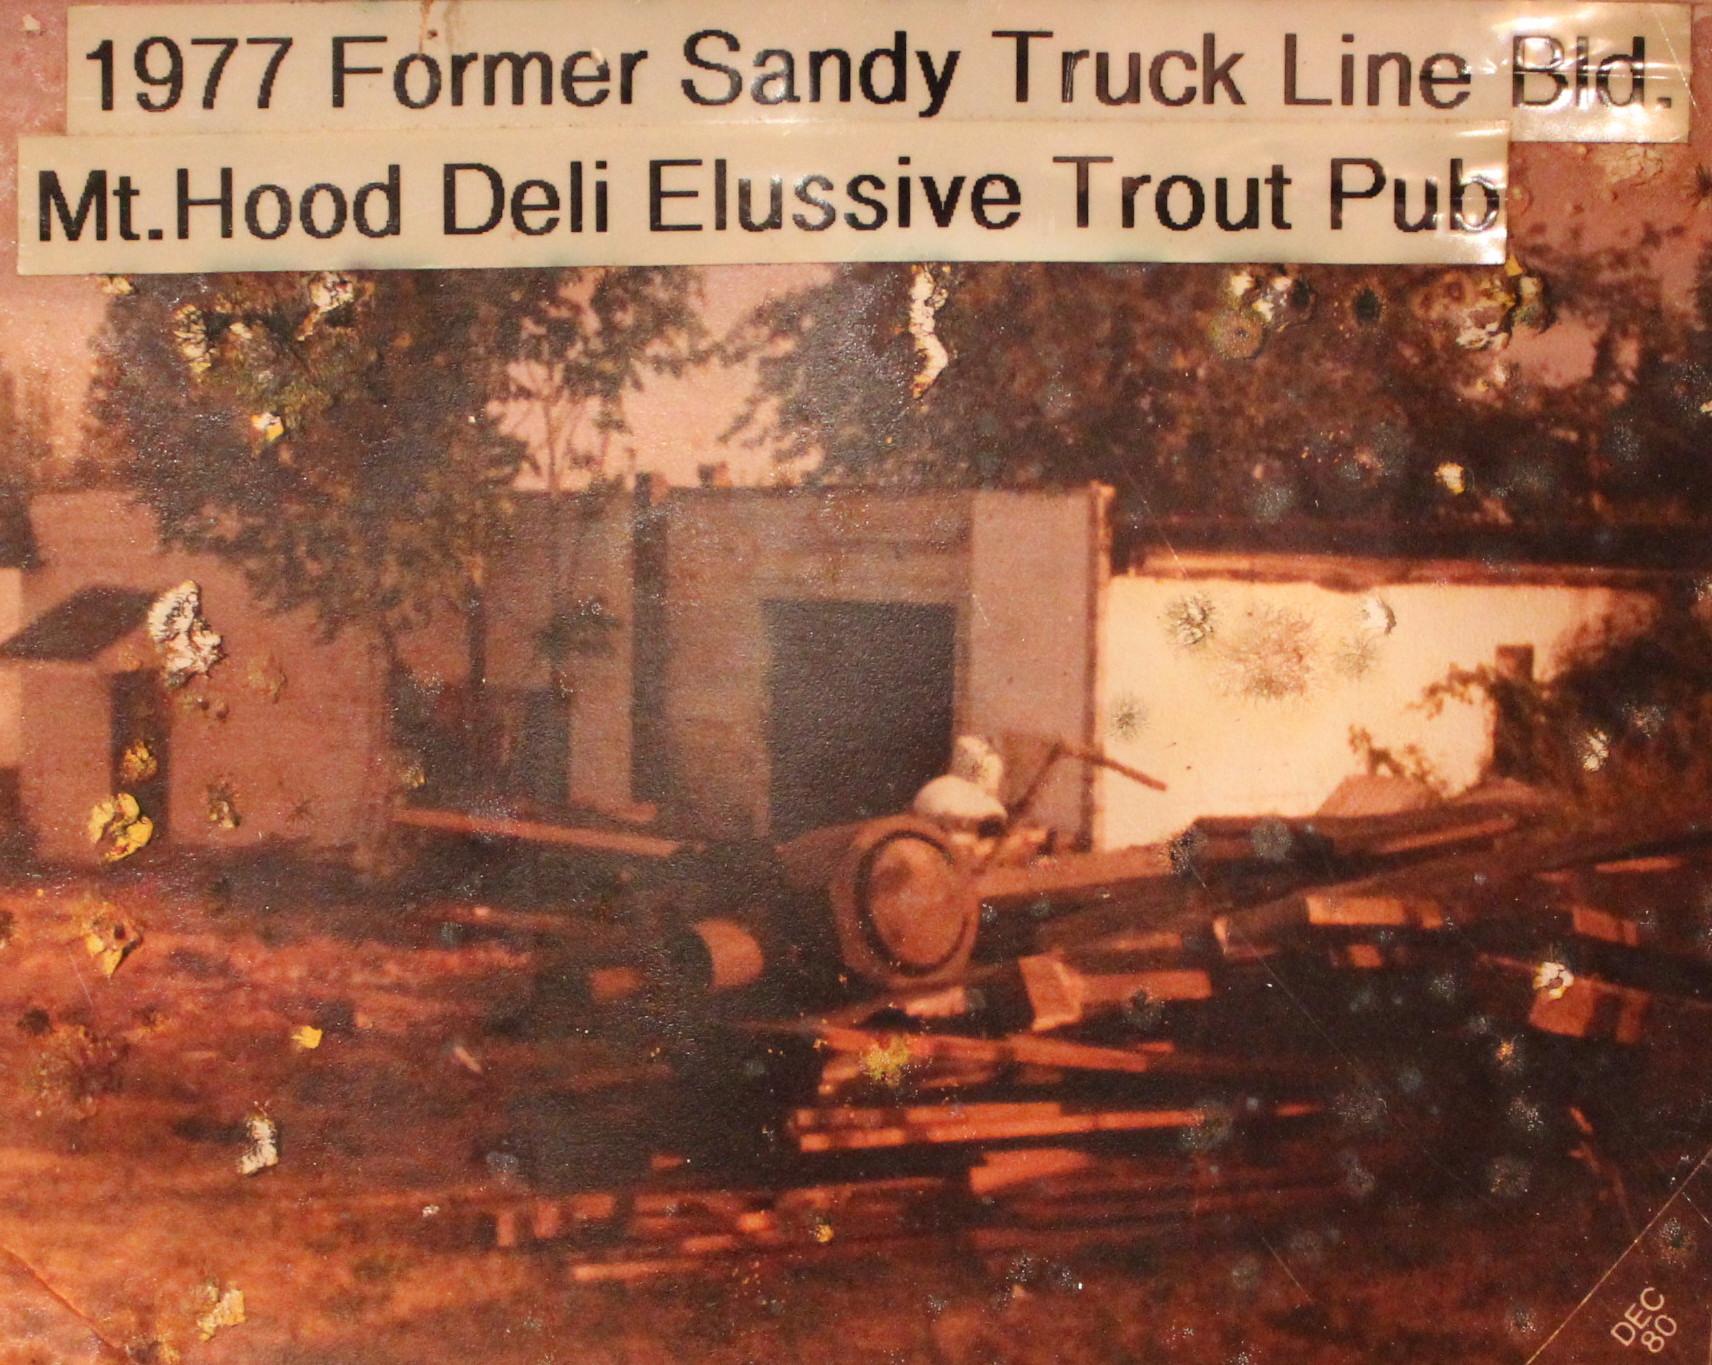 Sandy Truck Line 2.JPG